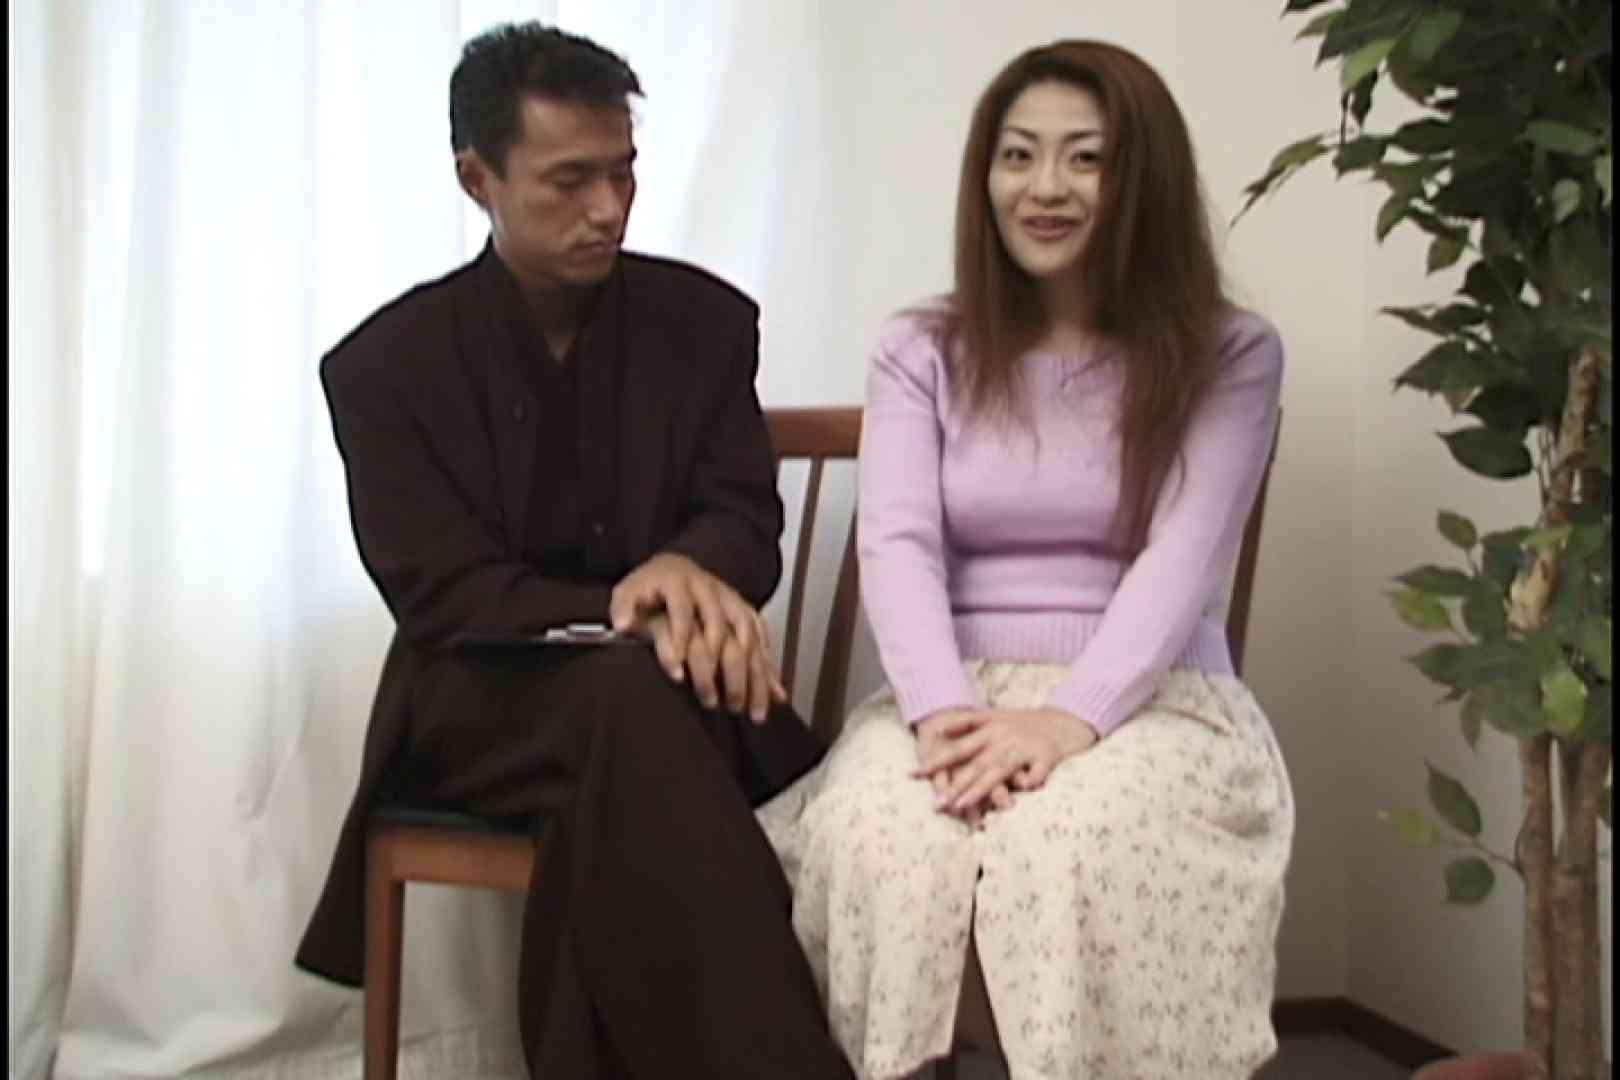 昼間の奥様は欲求不満 ~青井祐子~ SEX映像  91pic 45